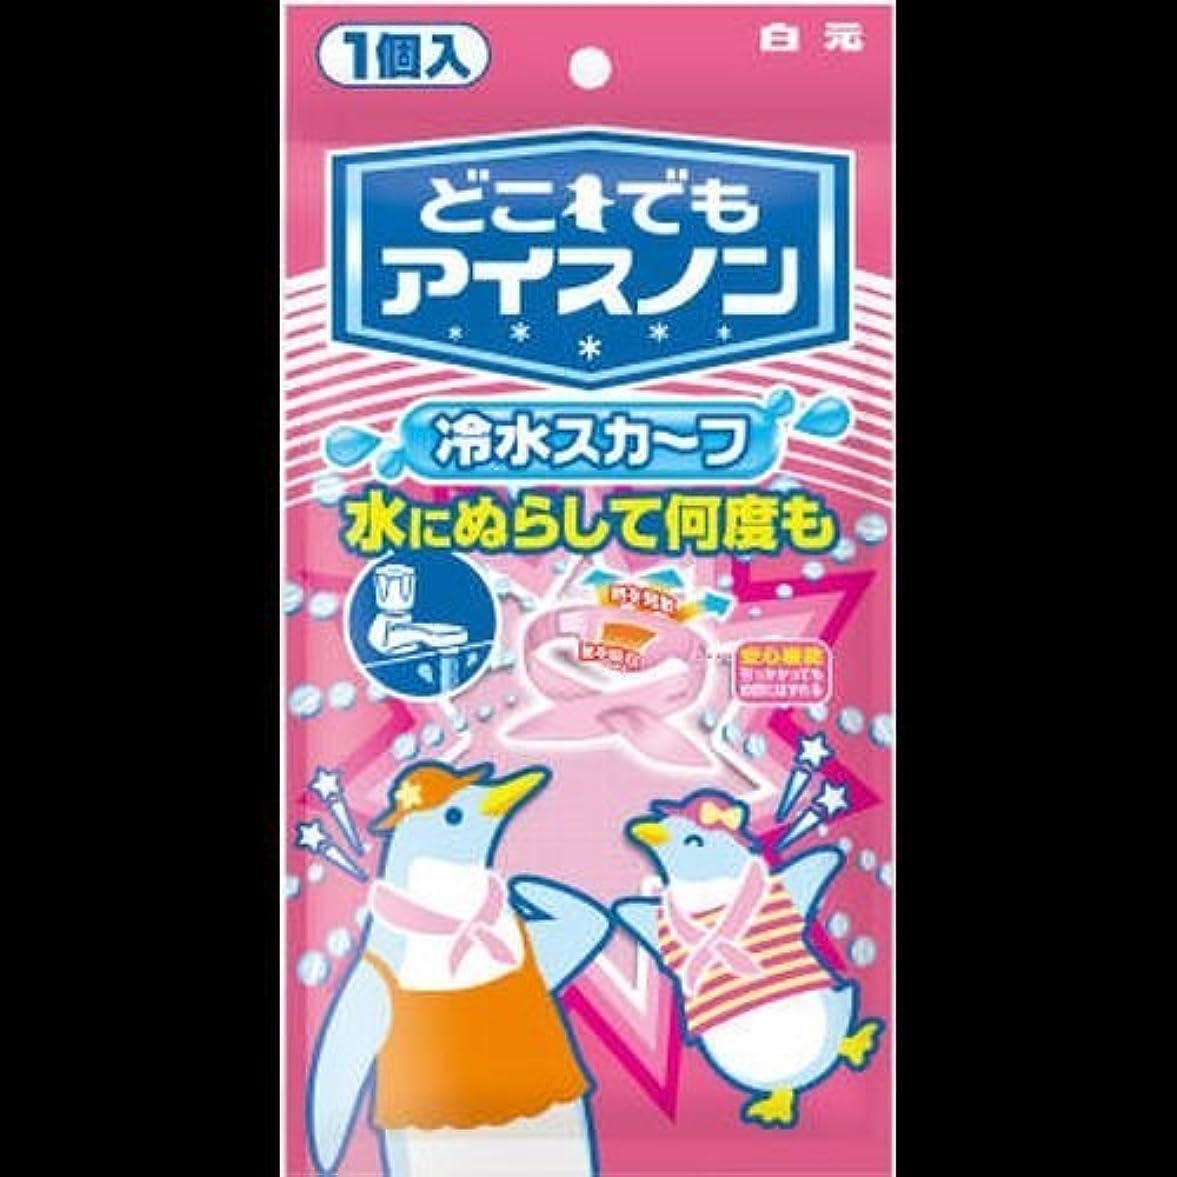 制限されたモールス信号機密【まとめ買い】どこでもアイスノン 冷水スカーフ ピンク ×2セット